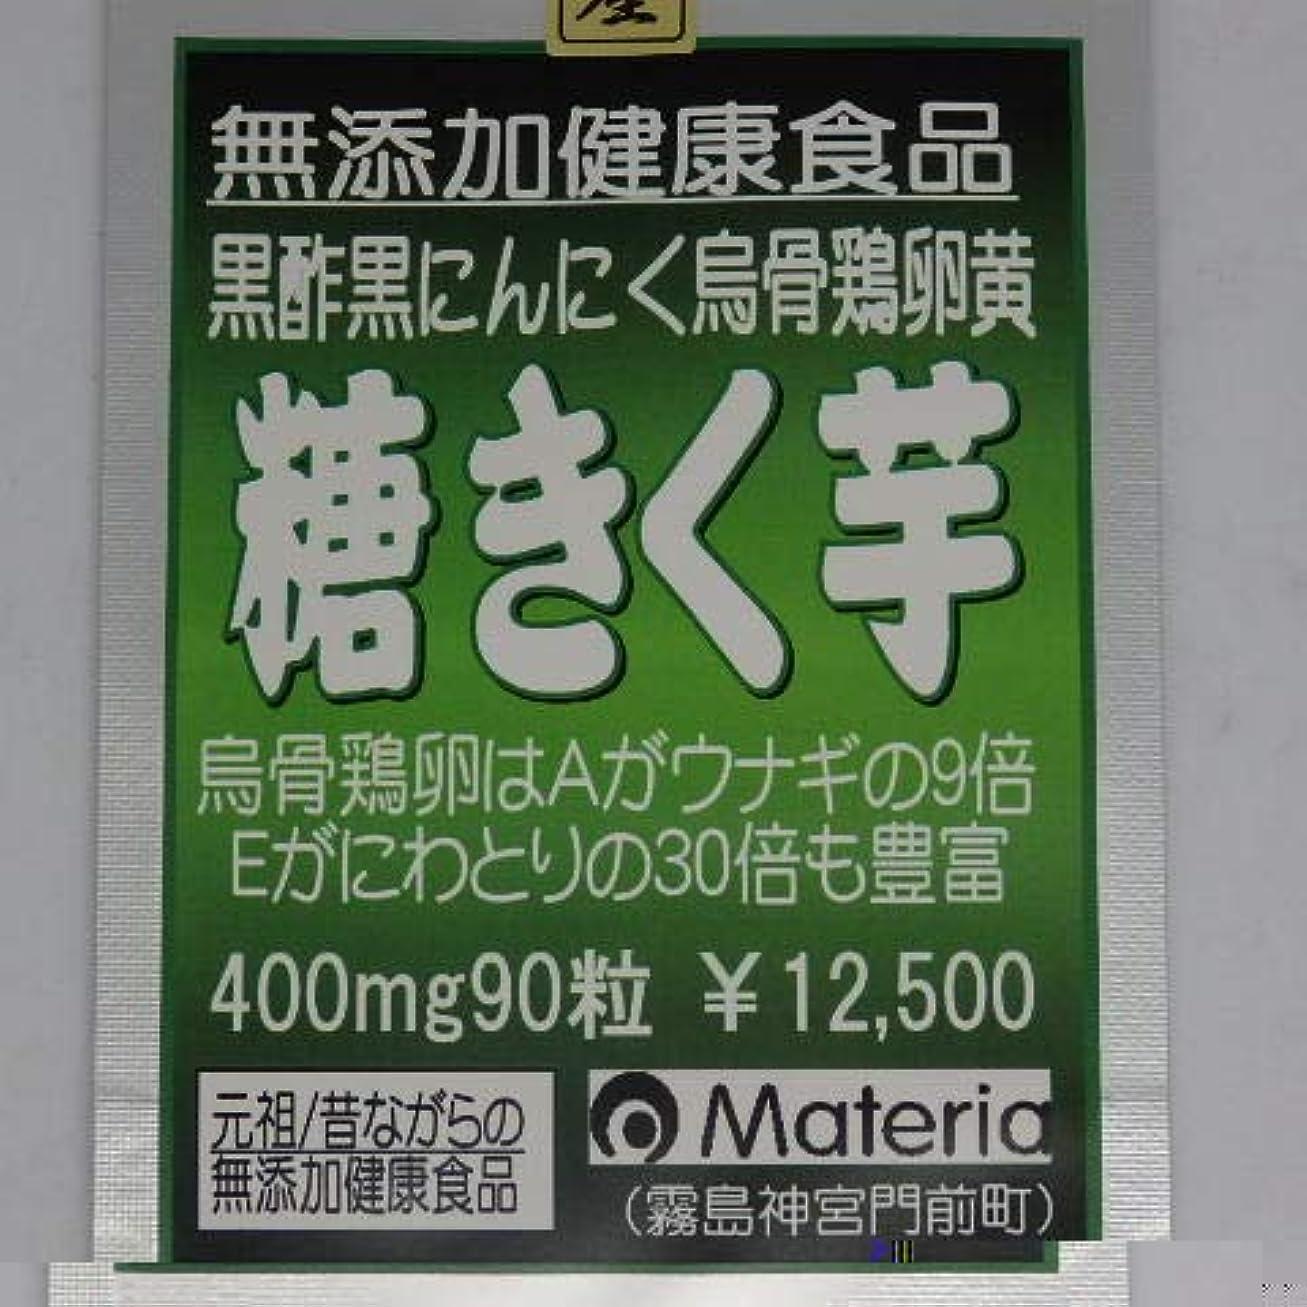 結晶豊富信頼性黒酢黒にんにく烏骨鶏卵黄/菊芋糖系 (90粒)90日分¥12,500